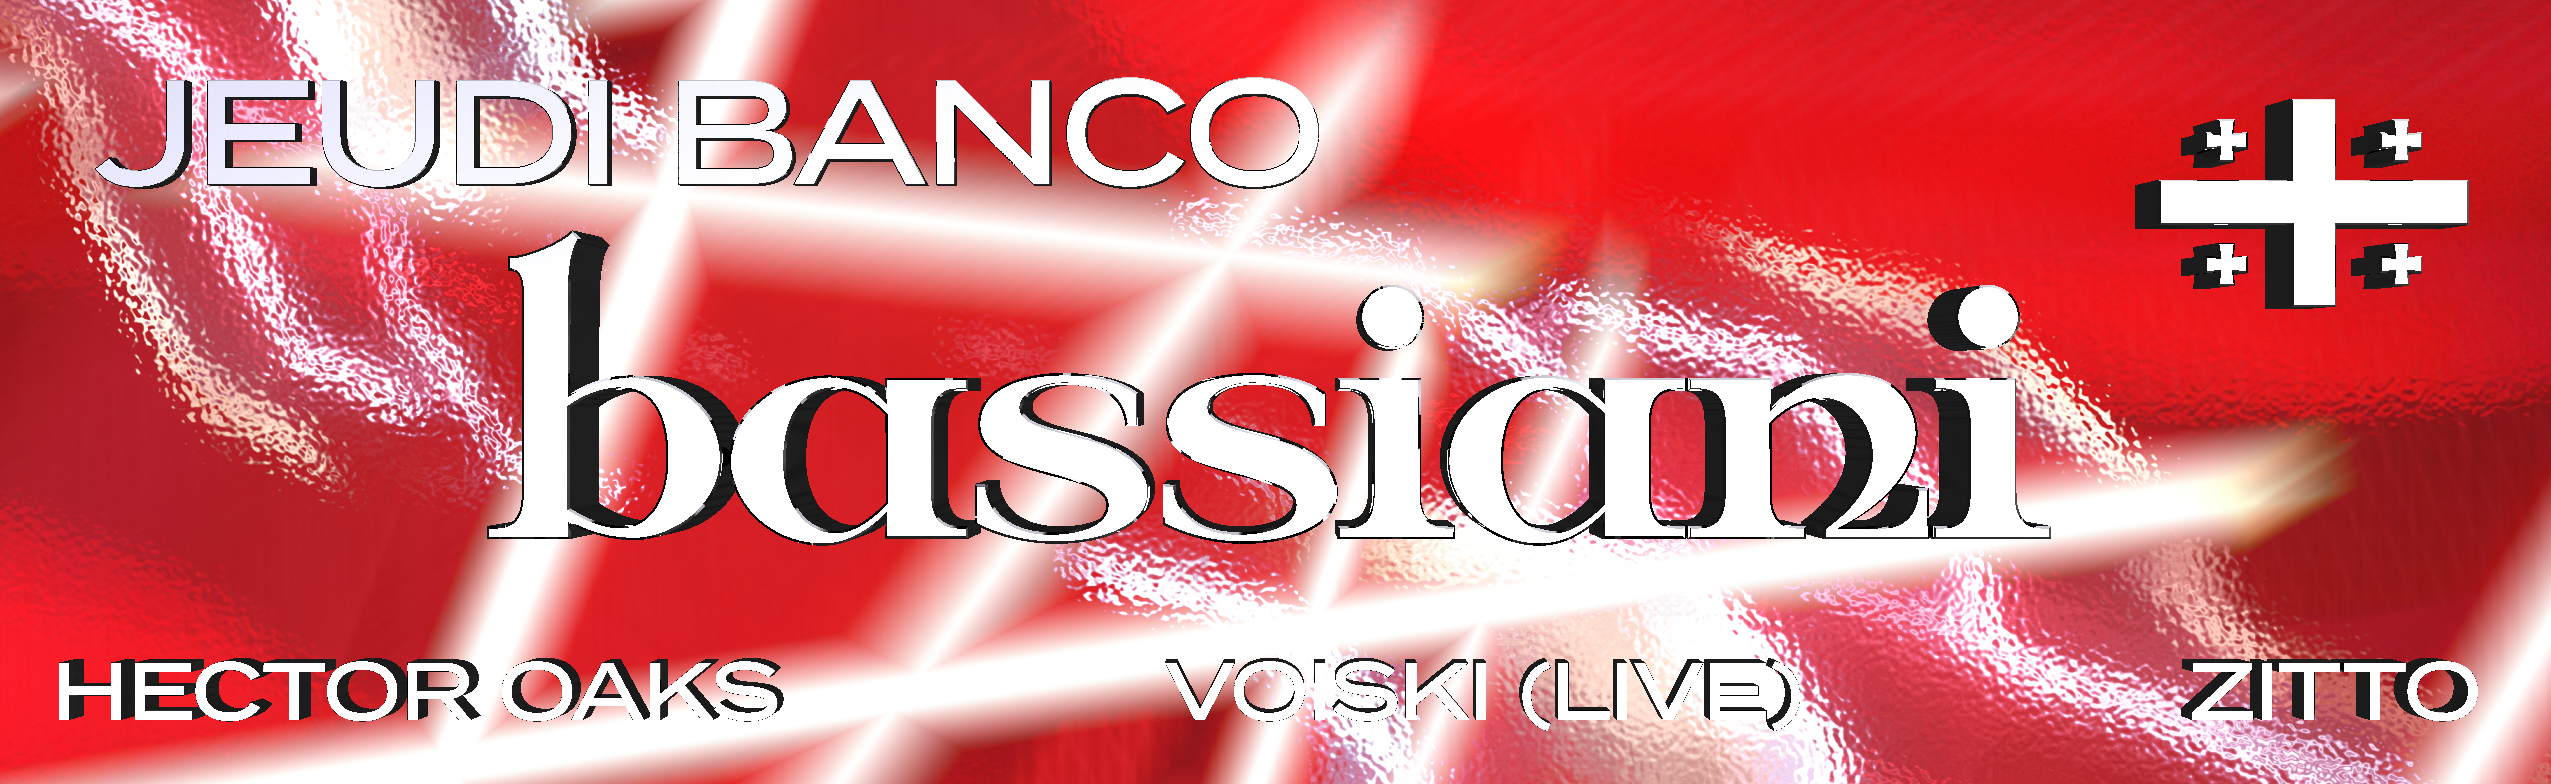 Jeudi Banco x Bassiani: Hector Oaks • Voiski (Live) • Zitto